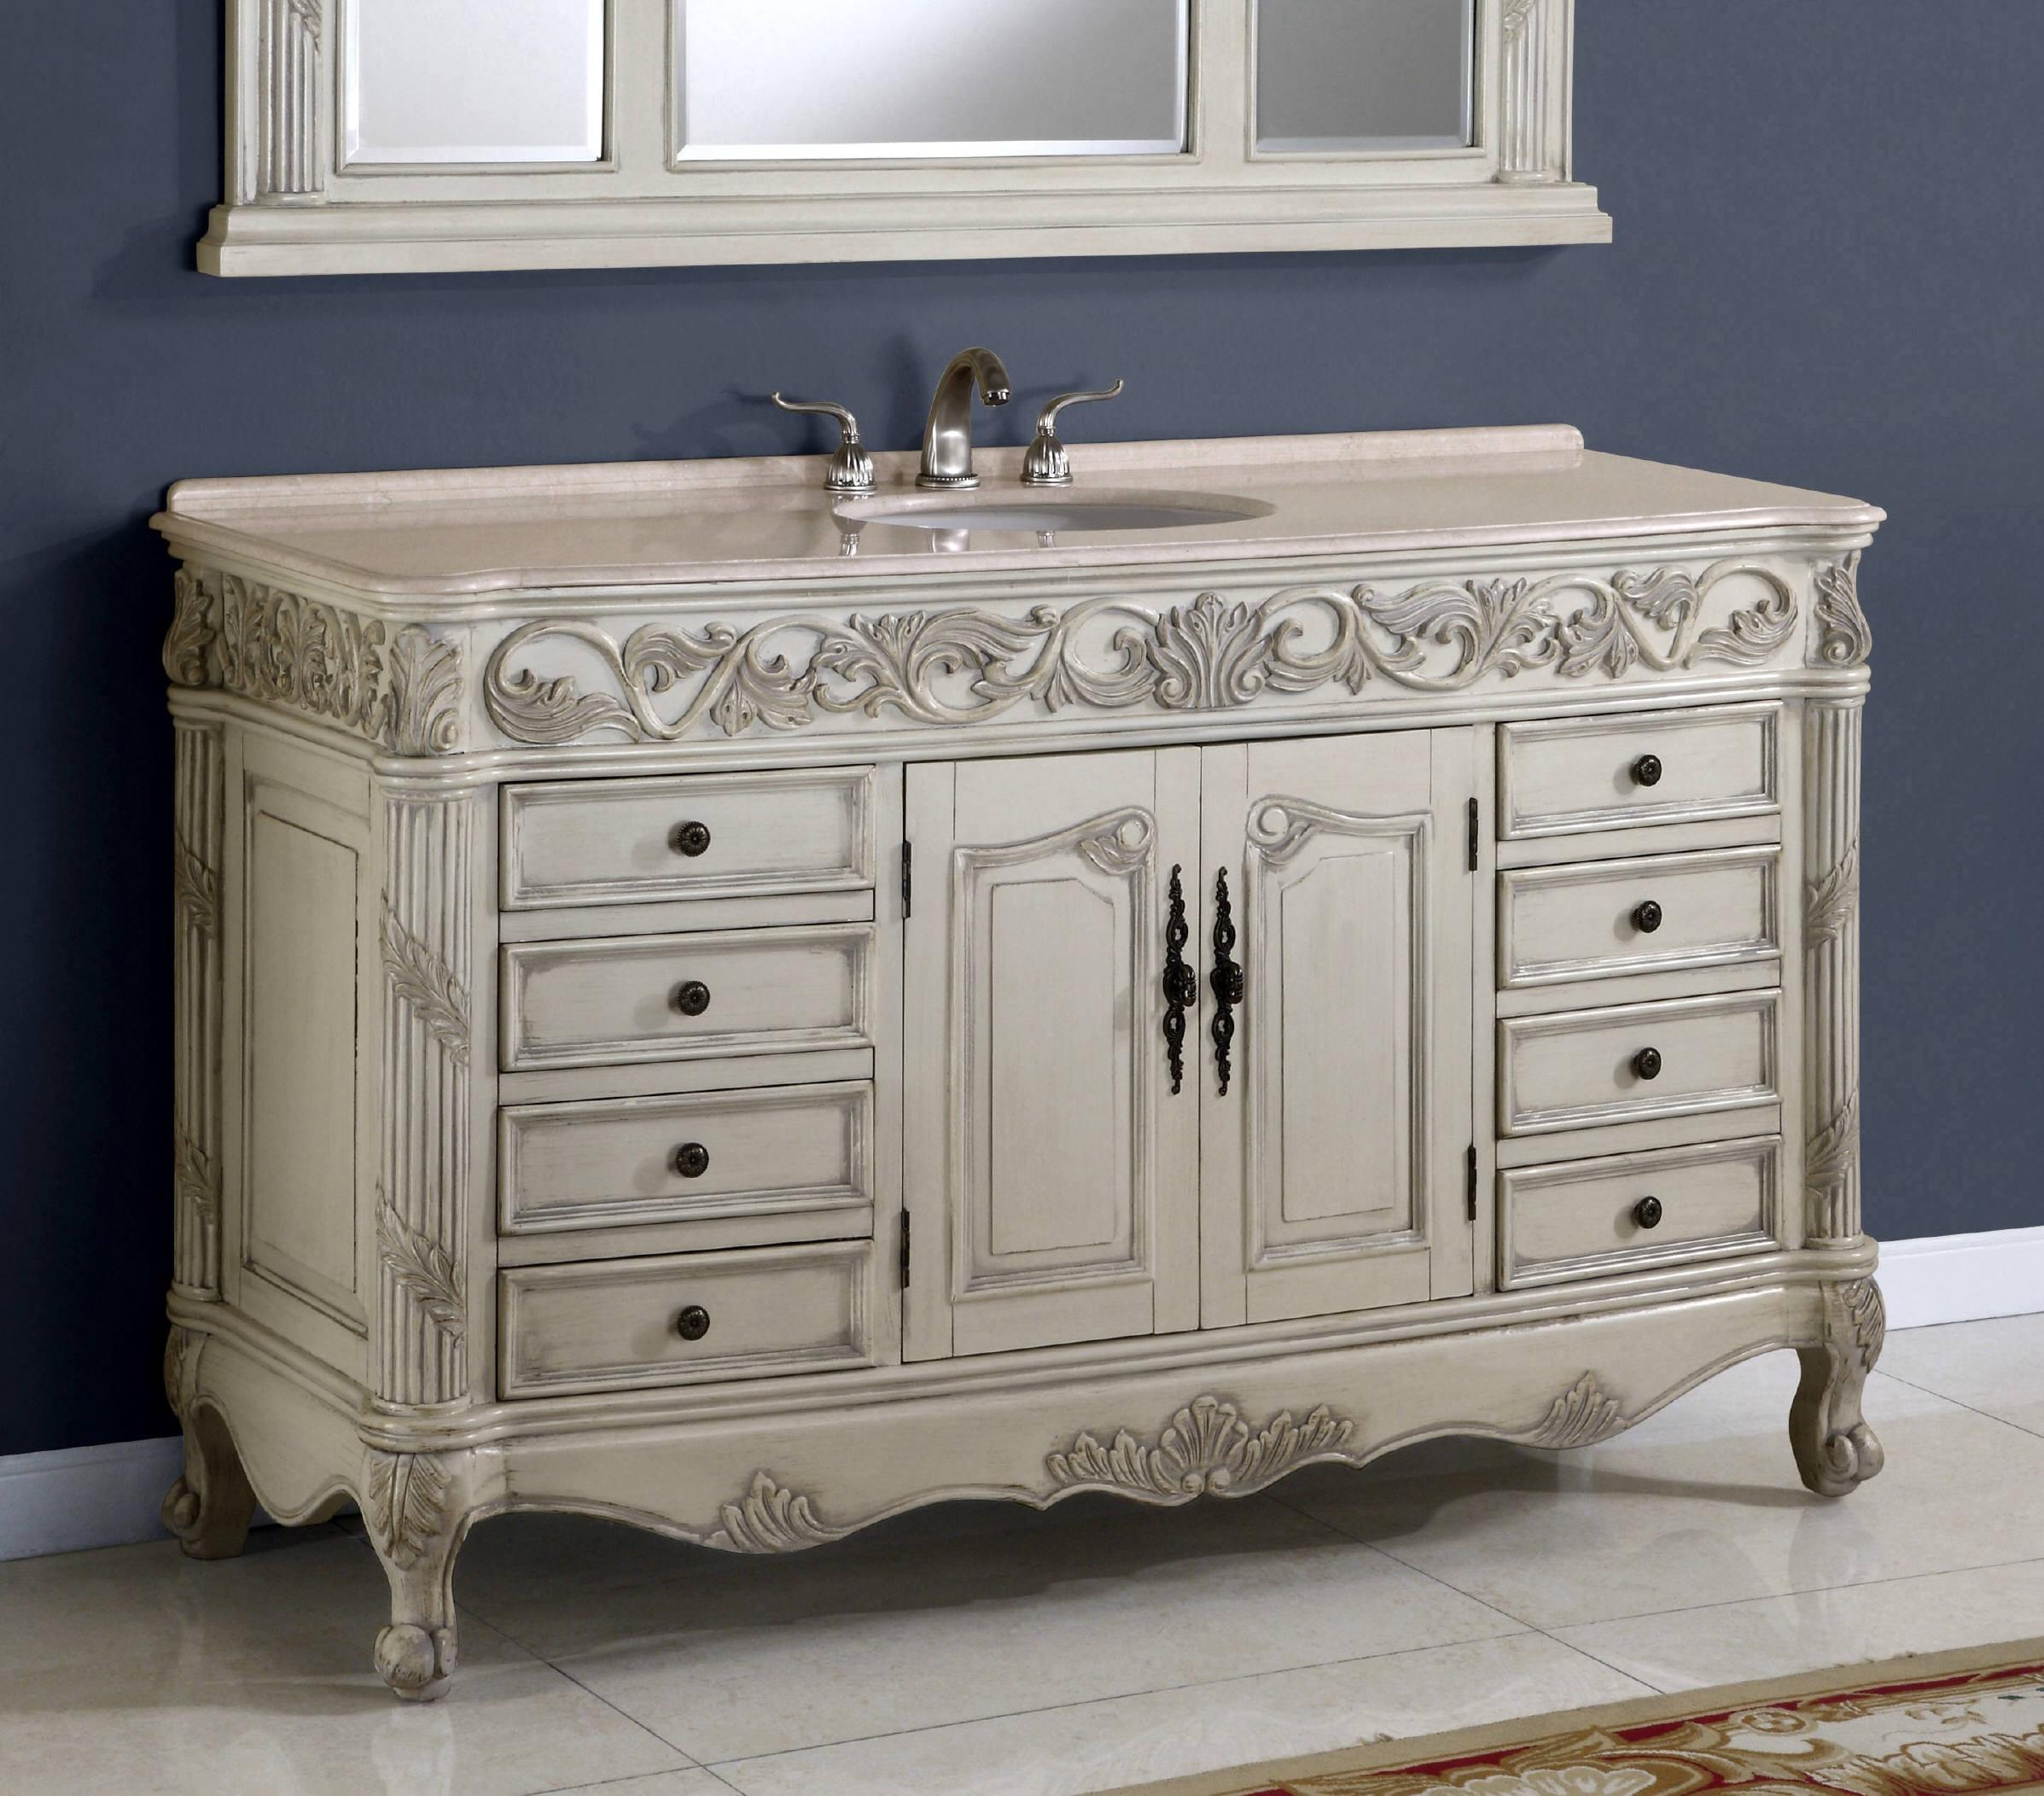 60 Inch Bathroom Vanity Fresh 60 Inch Regent Vanity Single Sink Vanity